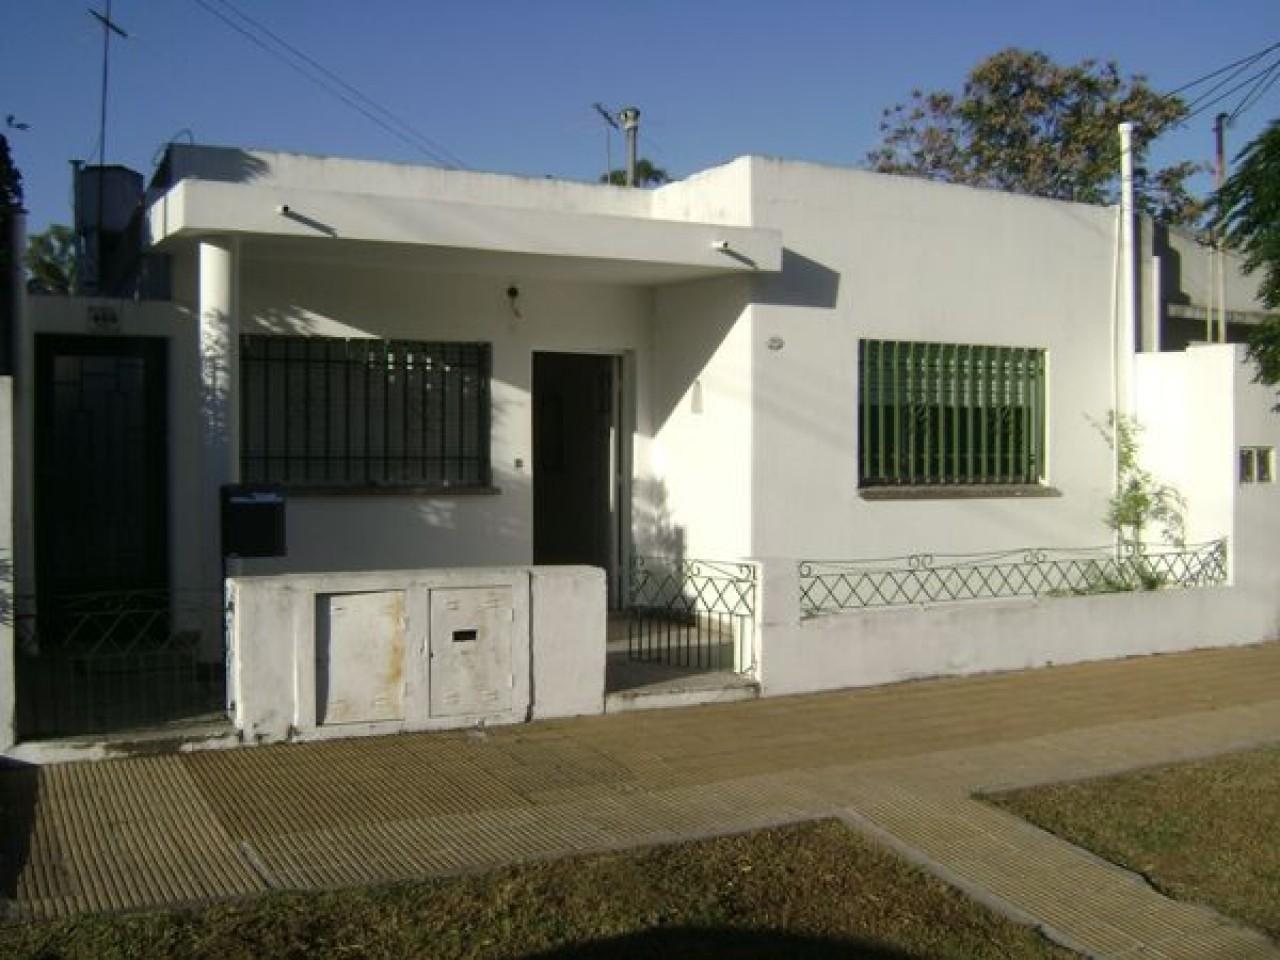 Casa tipo PH  3 Ambientes al frente, patio de 70 m2 aprox-ANDRADE 600, BELLA VISTA.